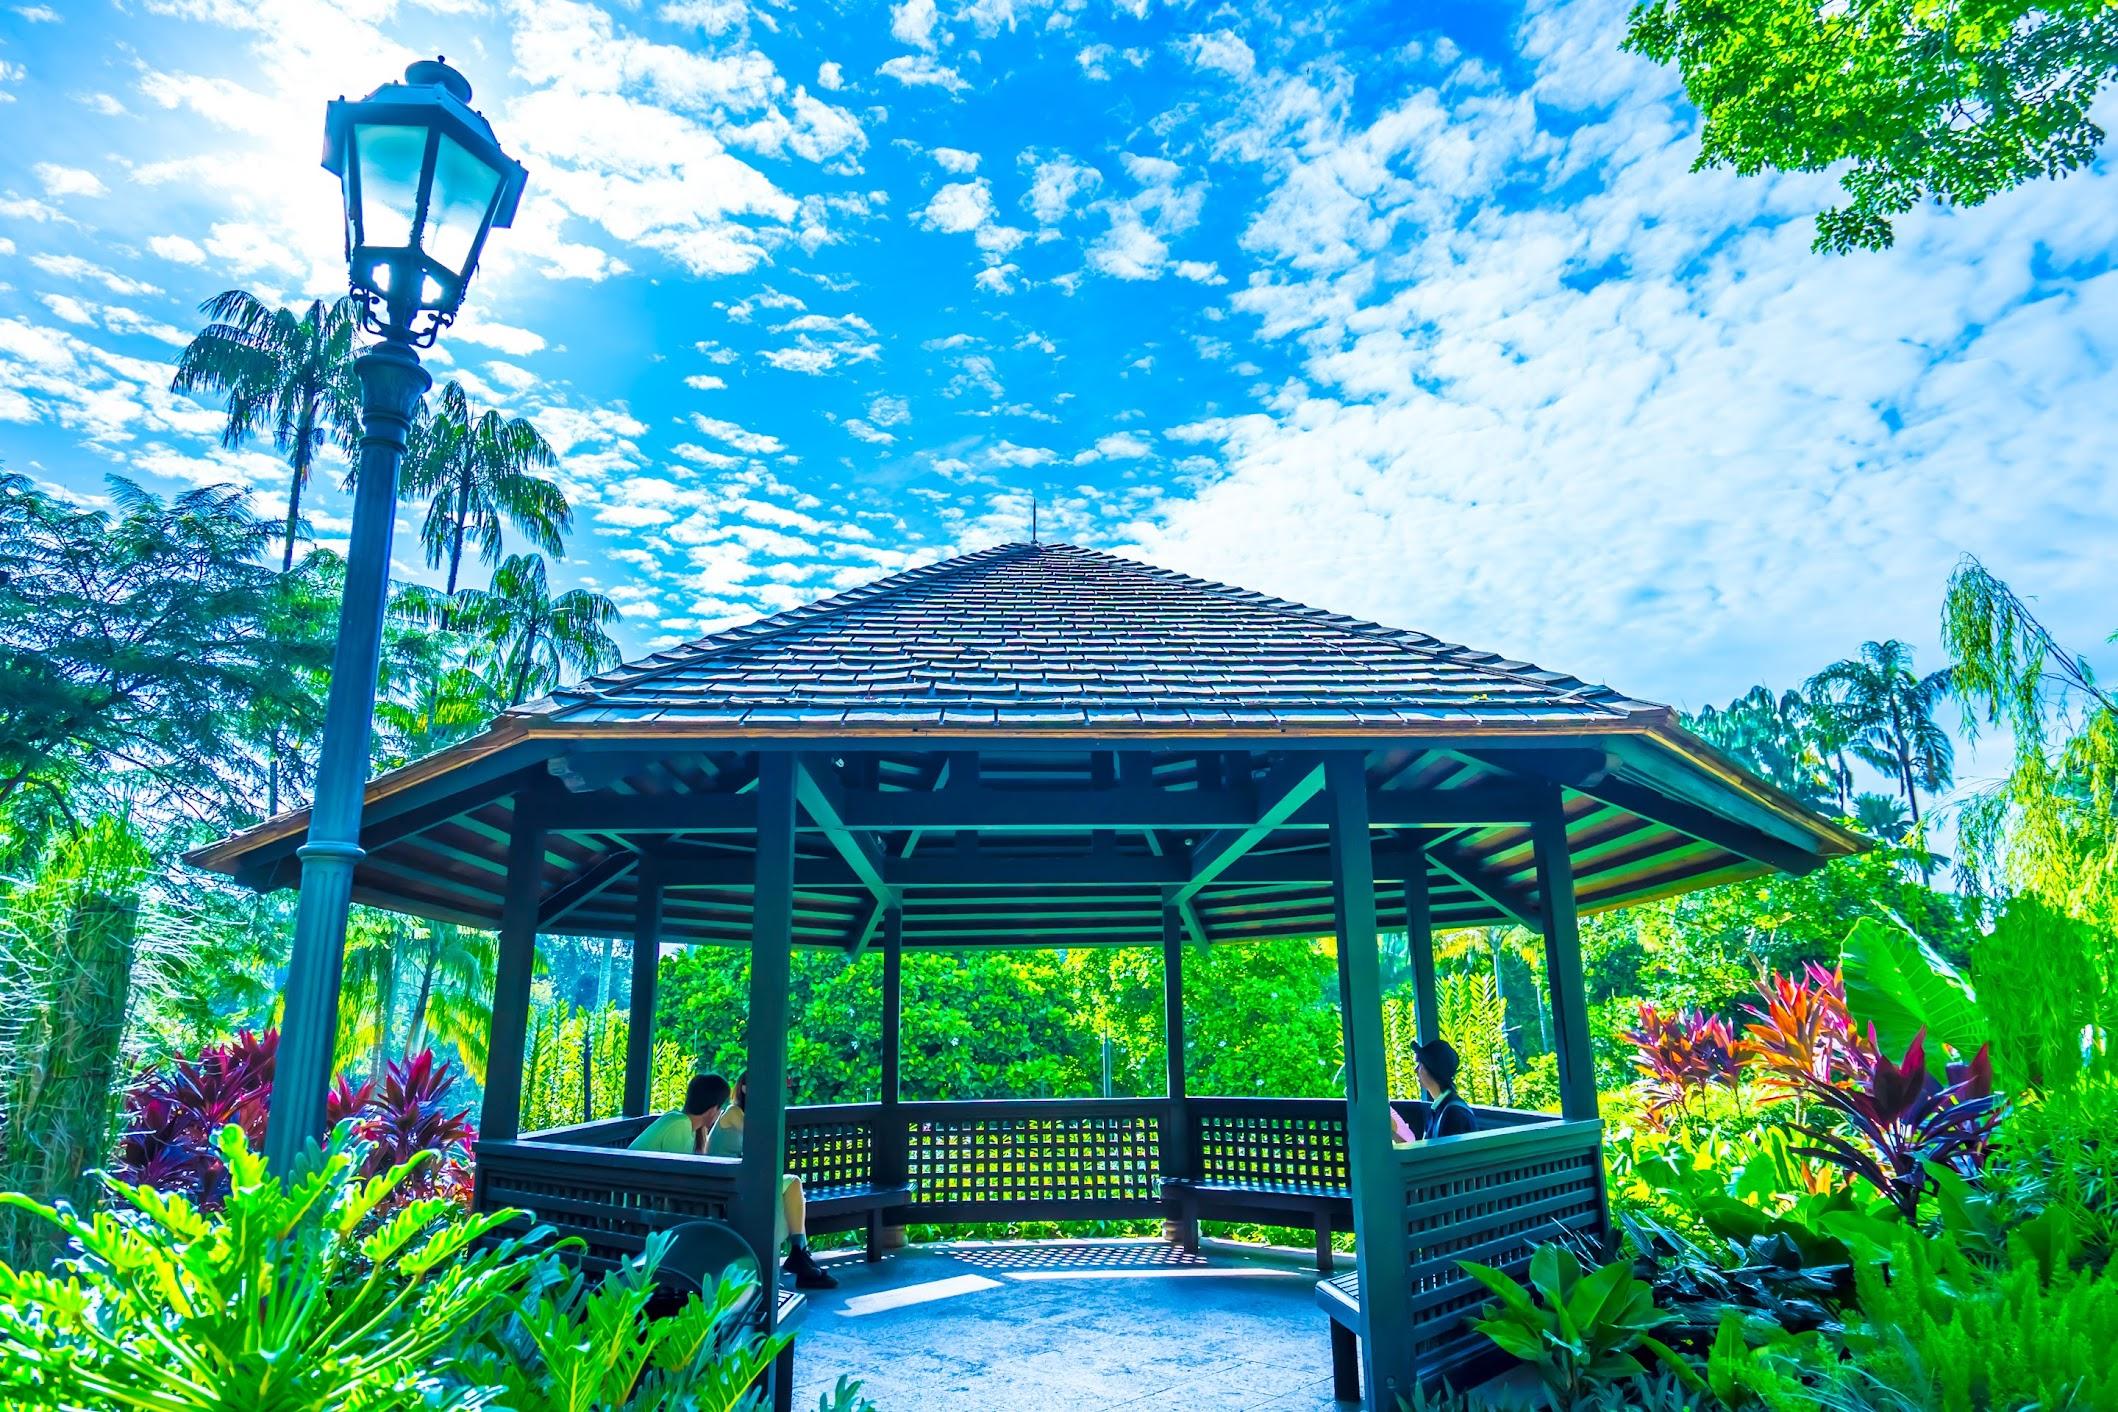 シンガポール植物園(ボタニック・ガーデン) ナショナル・オーキッド・ガーデン(国立ラン園)2